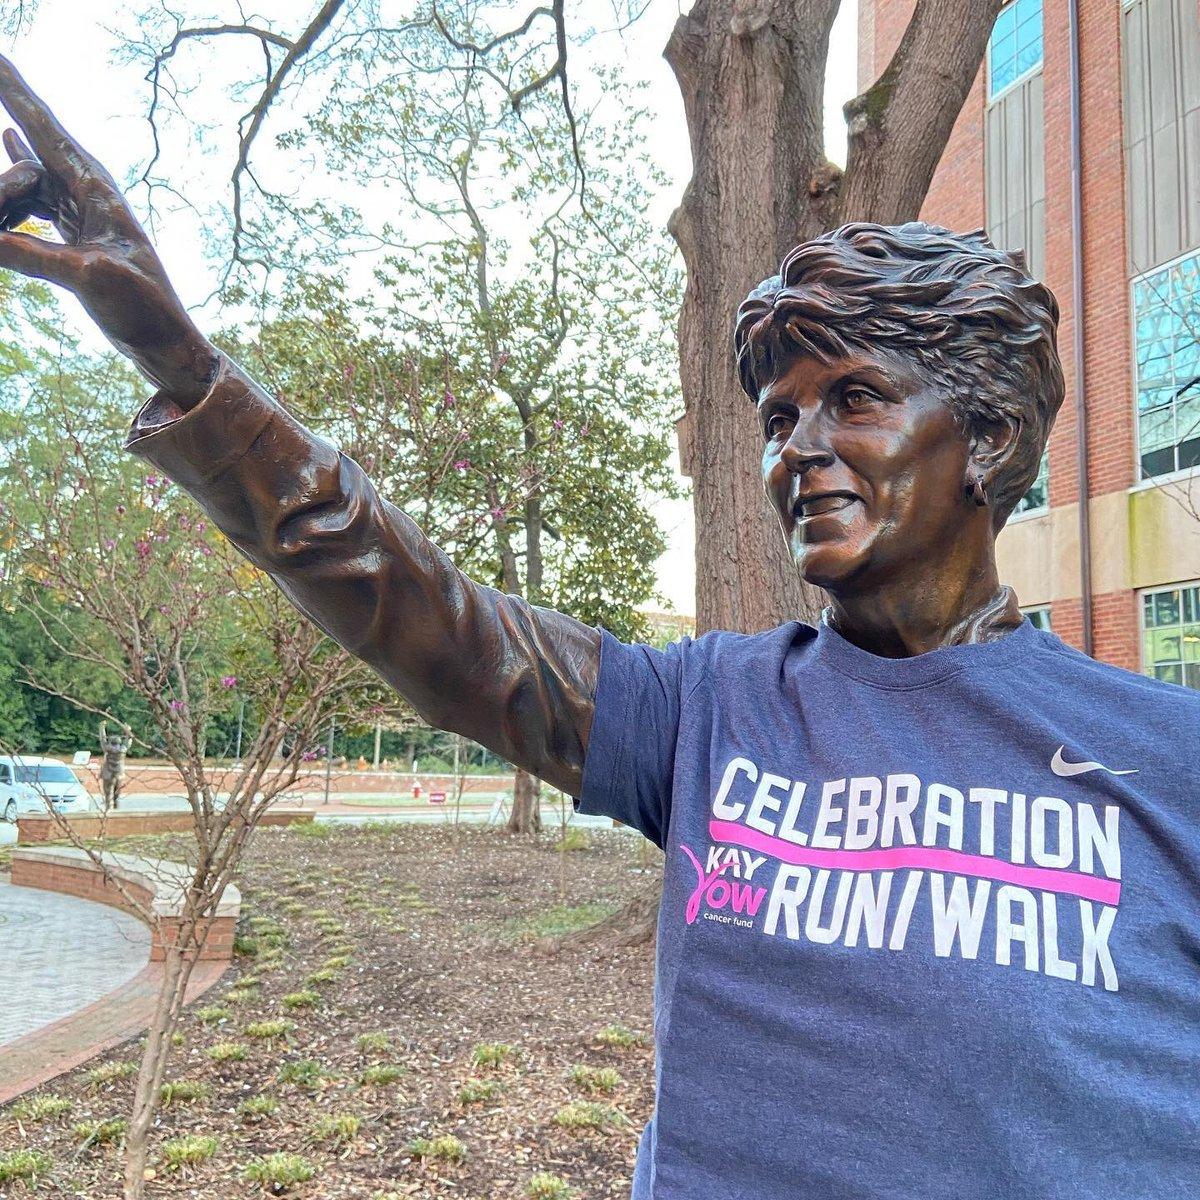 Photos from today's @KayYowFund Celebration Run/Walk warms my ❤️